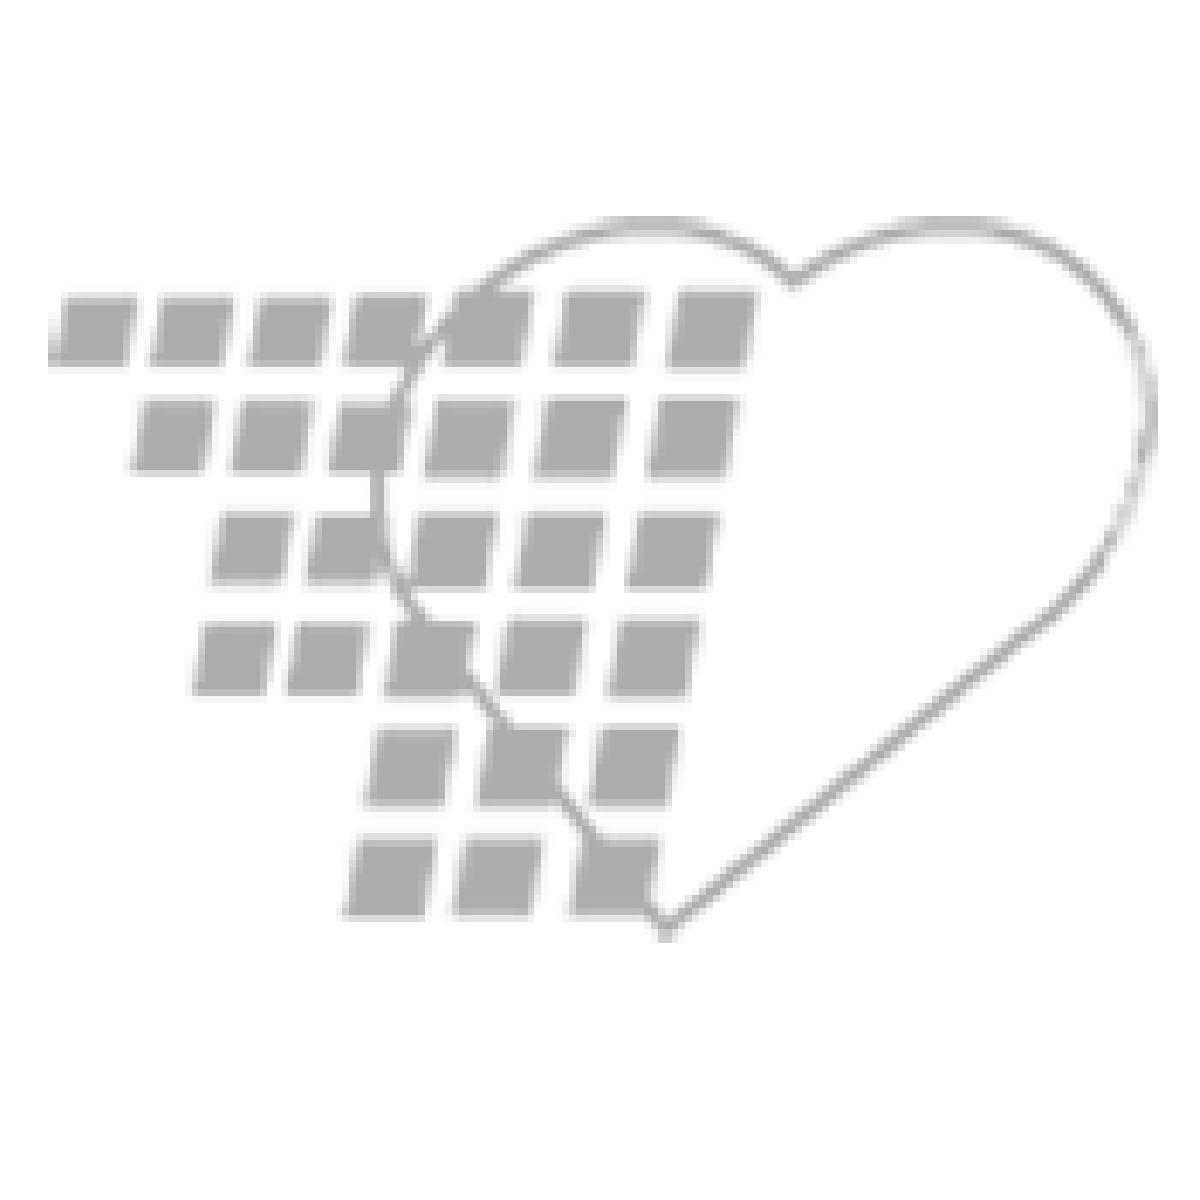 06-93-6932 Demo Dose® Metoproll Tar Lopressr 1 mg mL 5 mL